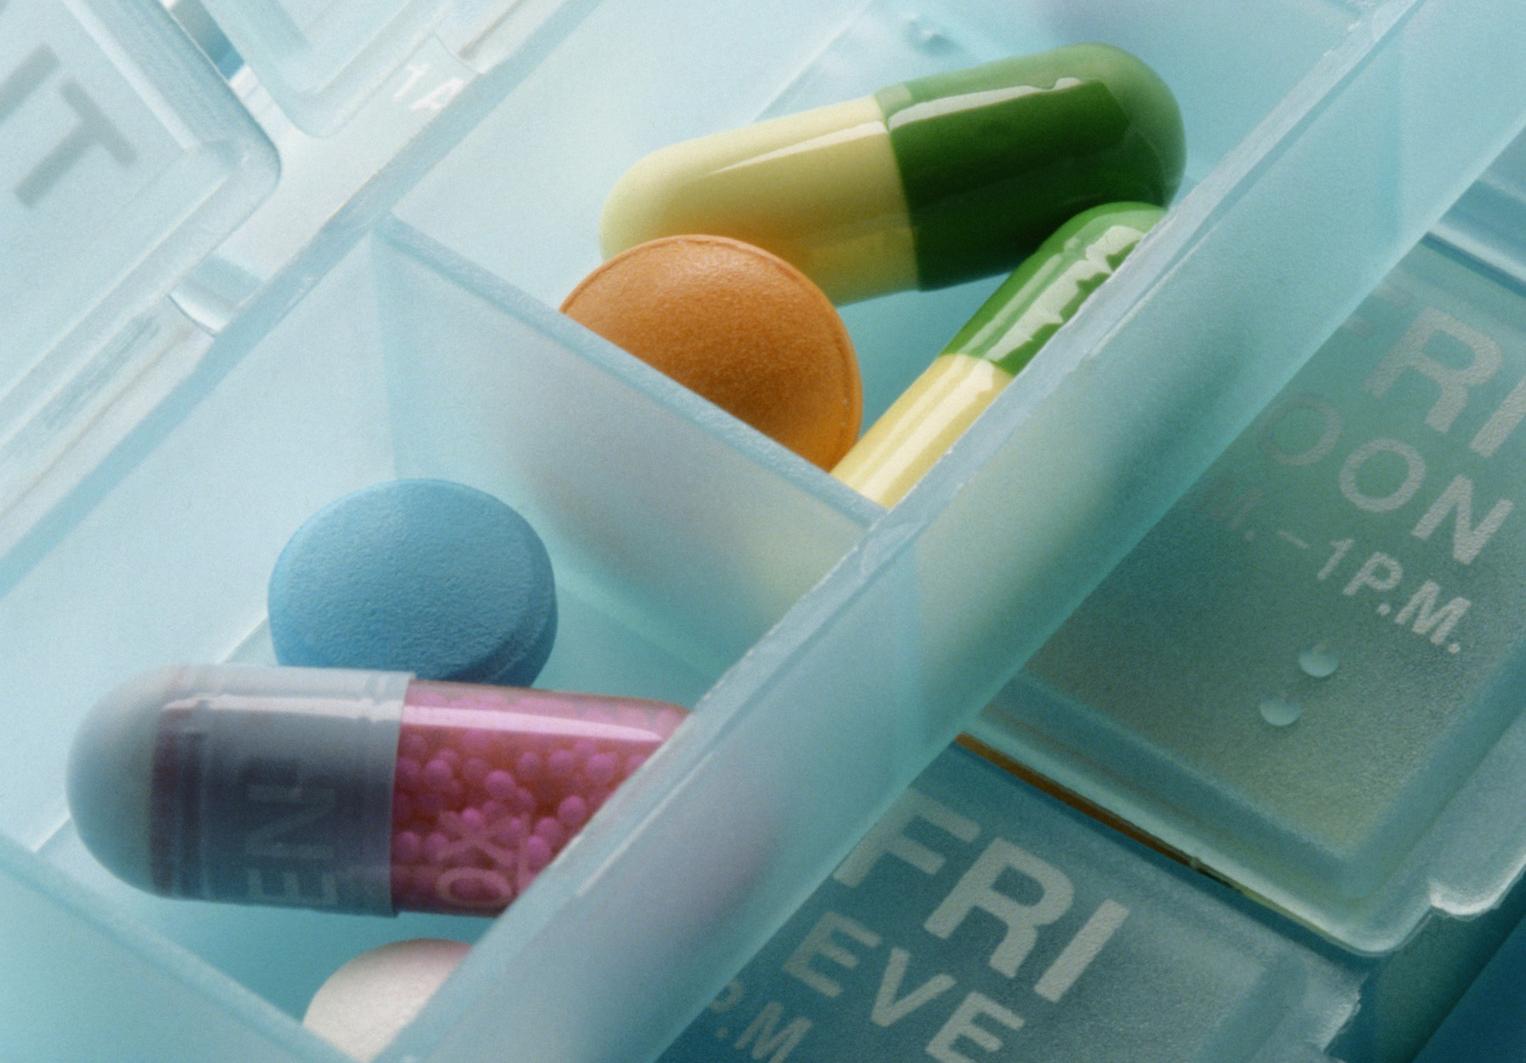 El gasto farmacéutico aumentó en 2014, especialmente en Melilla, Extremadura y Madrid